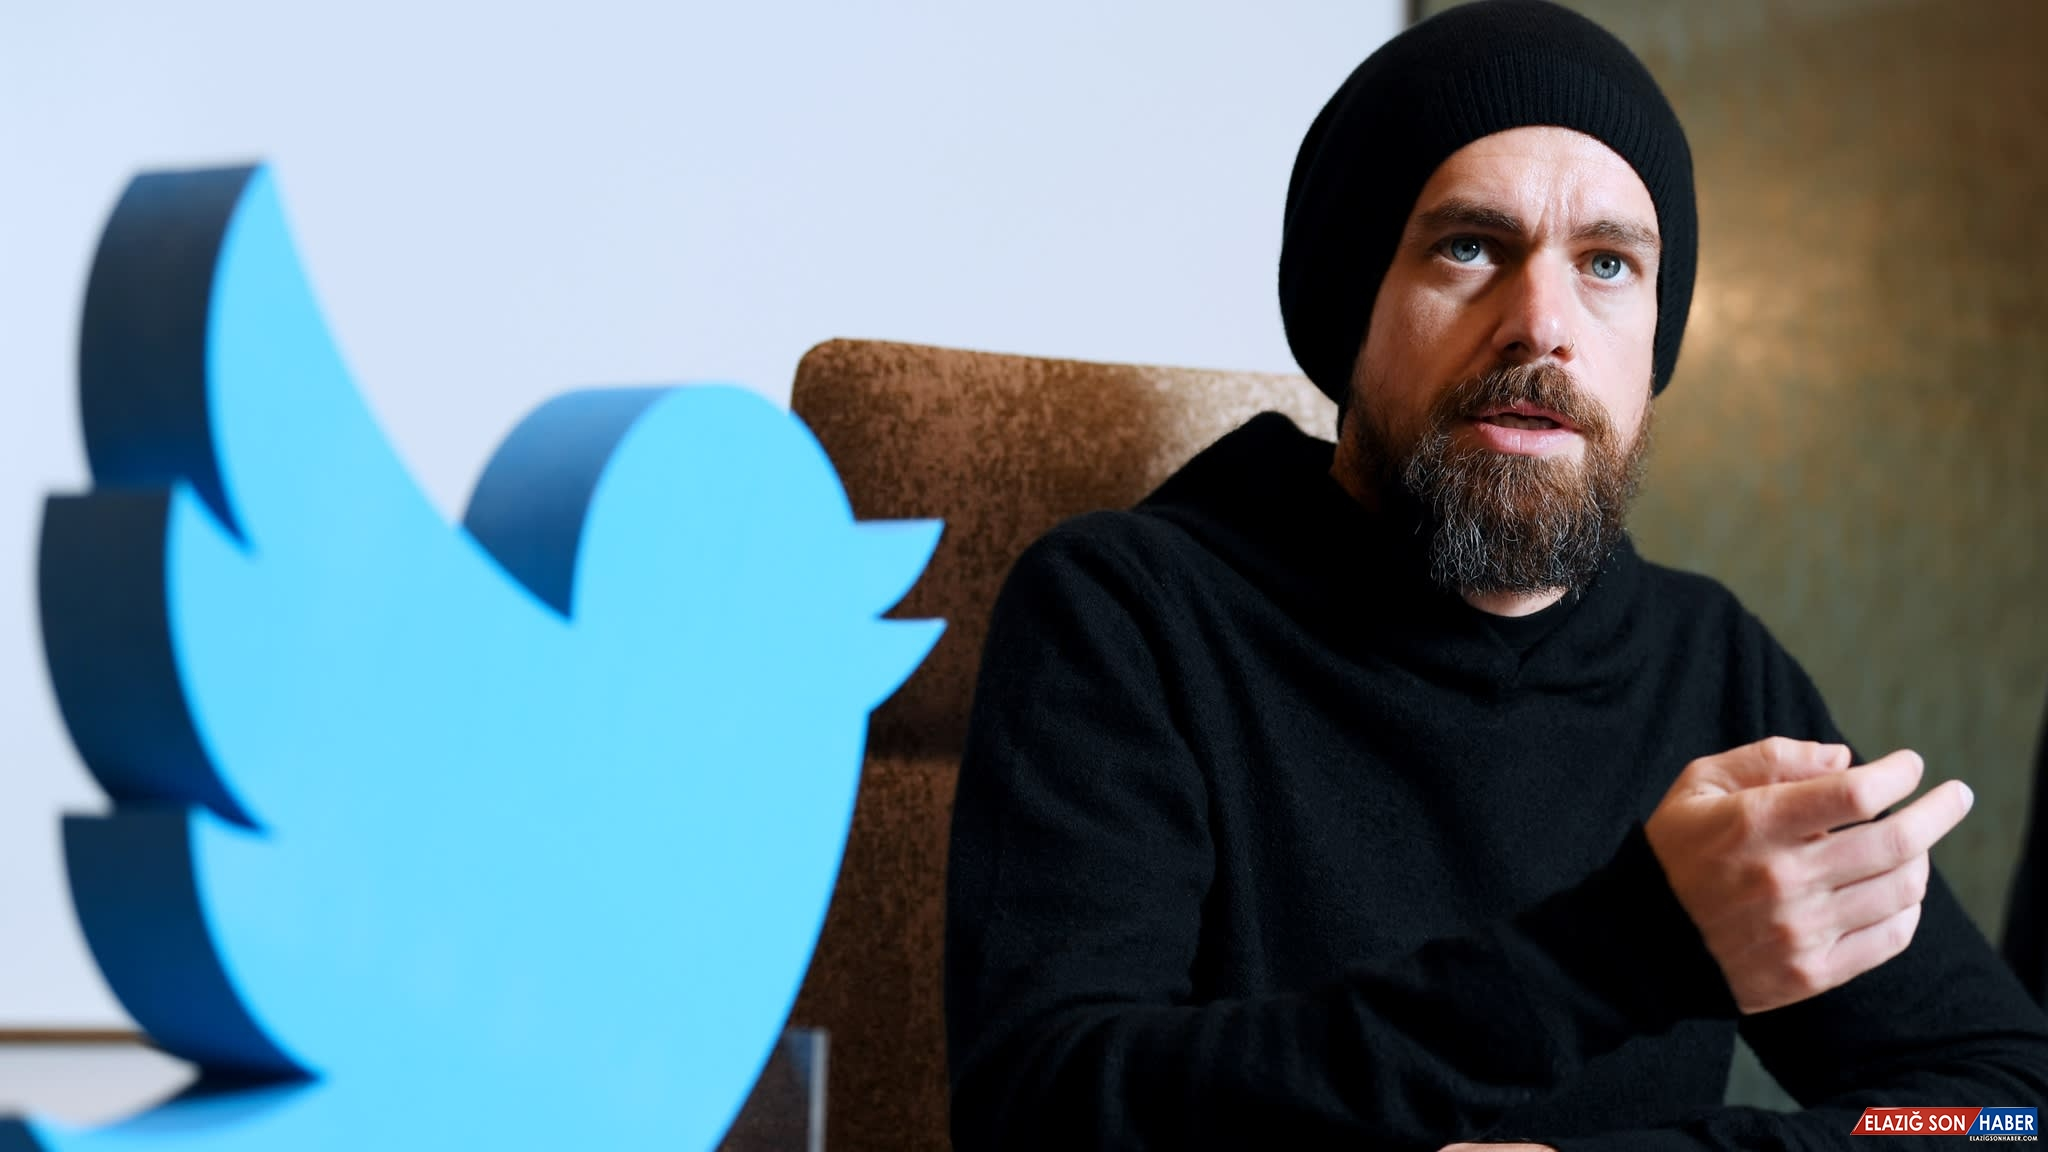 Twitter CEO'su Jack Dorsey: Her Şeyi Berbat Ettim, Sorun Sitenin Kendisi